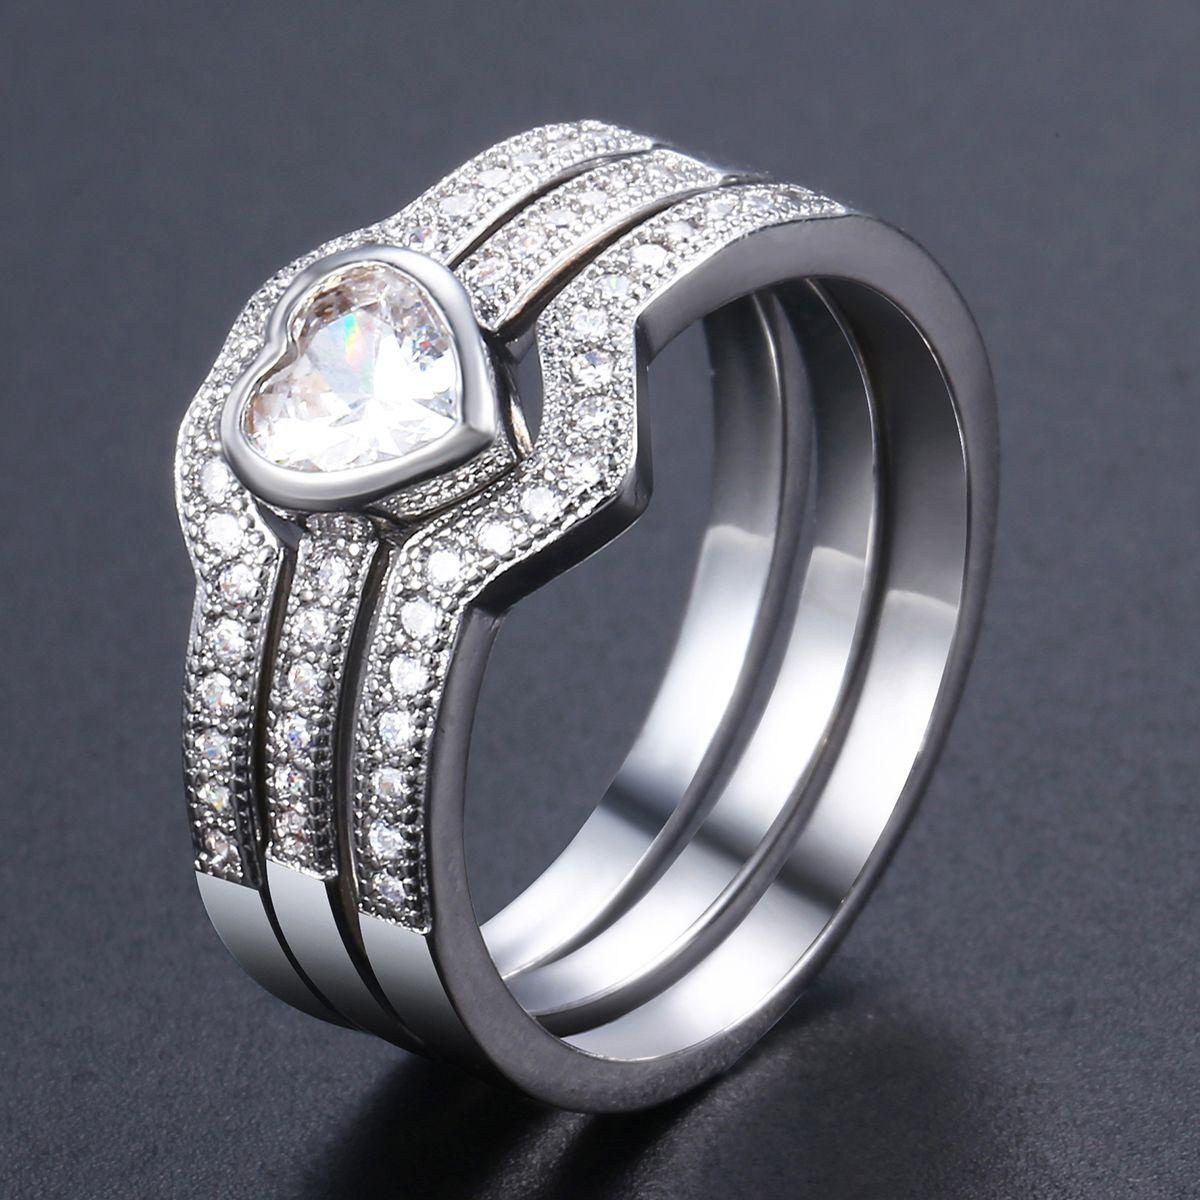 Davieslee Women White Gold Filled Wedding Band Ring Paved